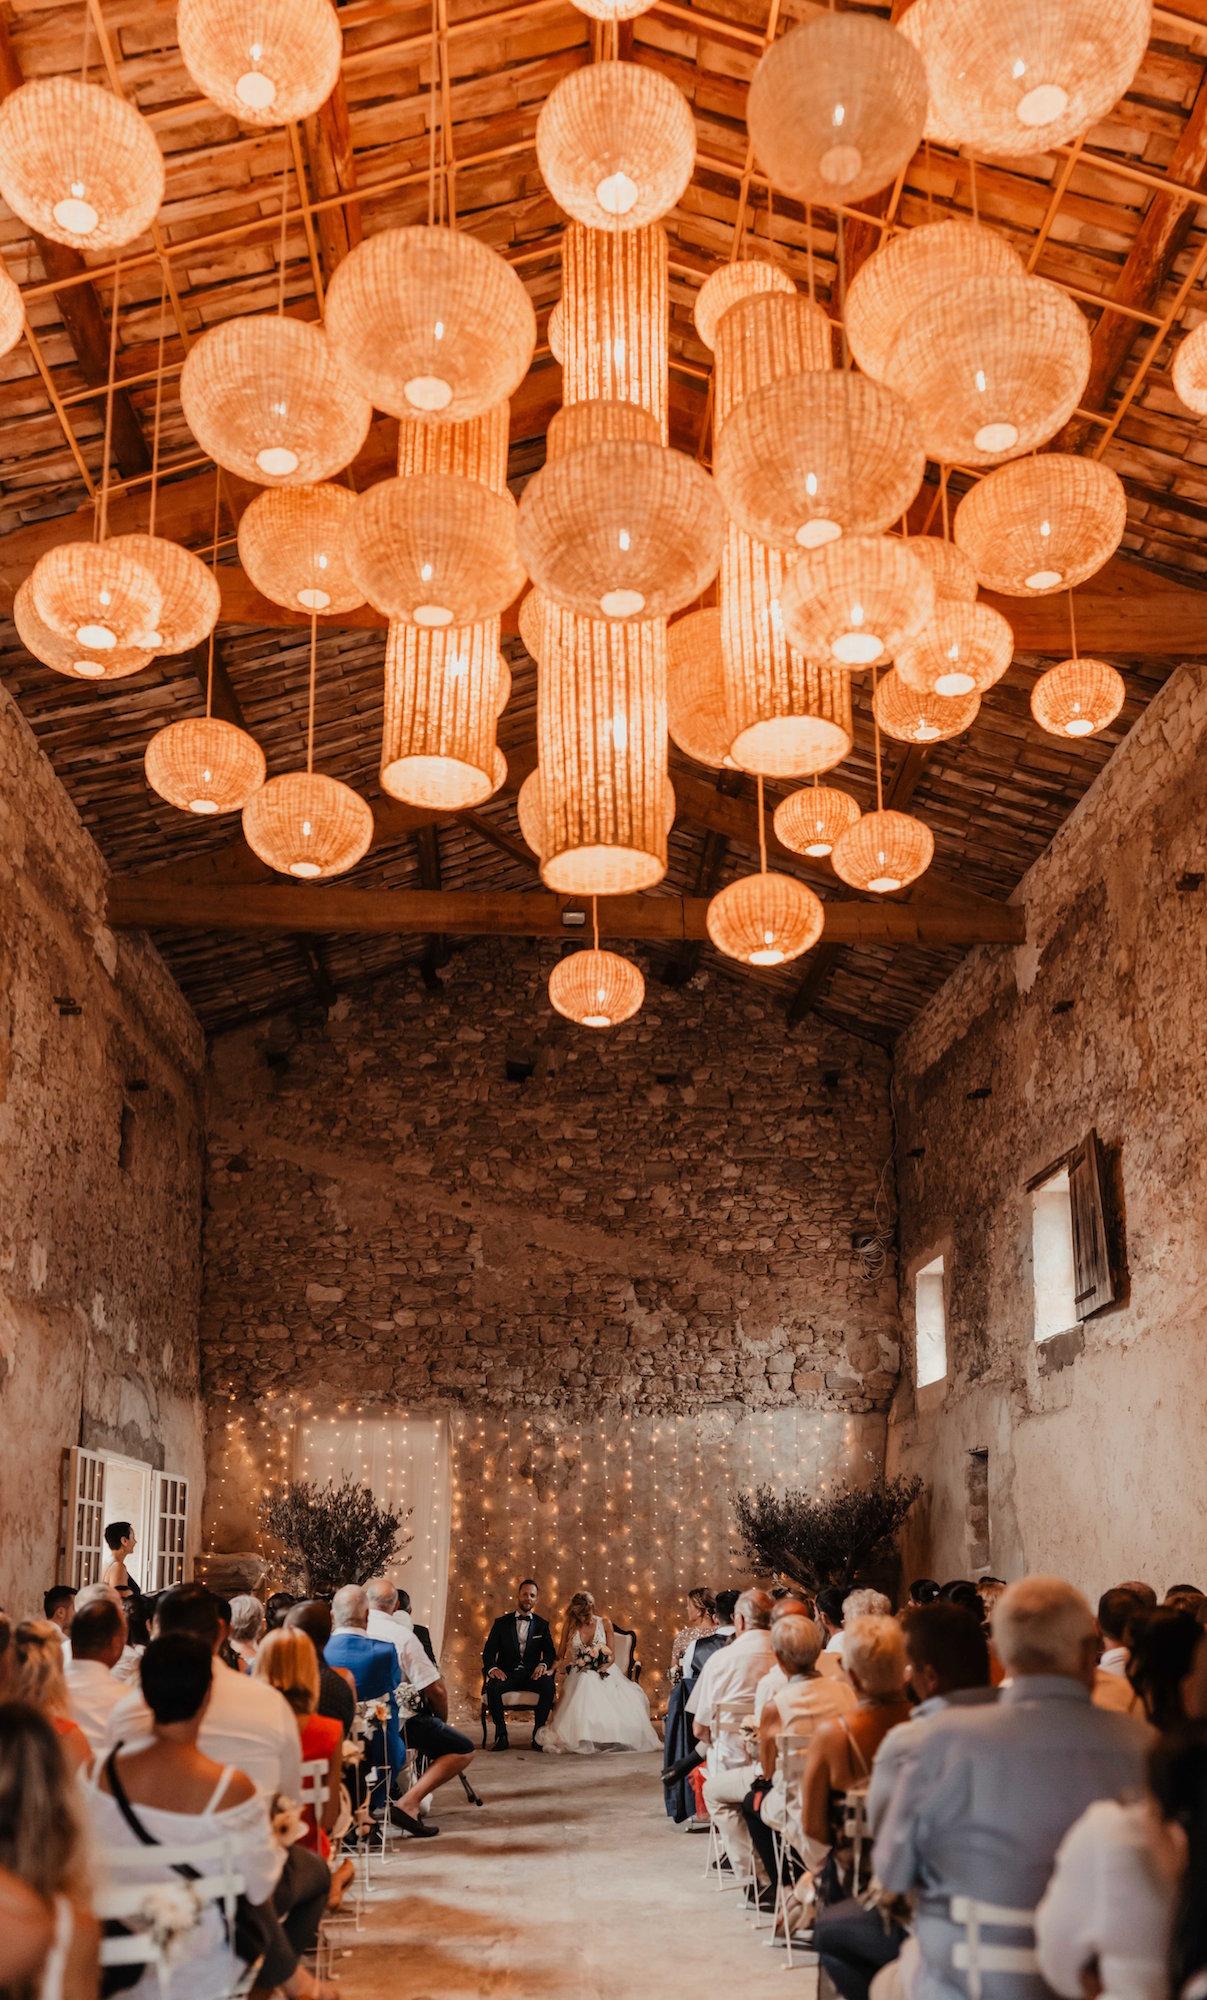 le coeur dans les etoiles - wedding planner - provence - luberon - alpilles - organisation - mariage - wedding - florine jeannot - ceremonie laique